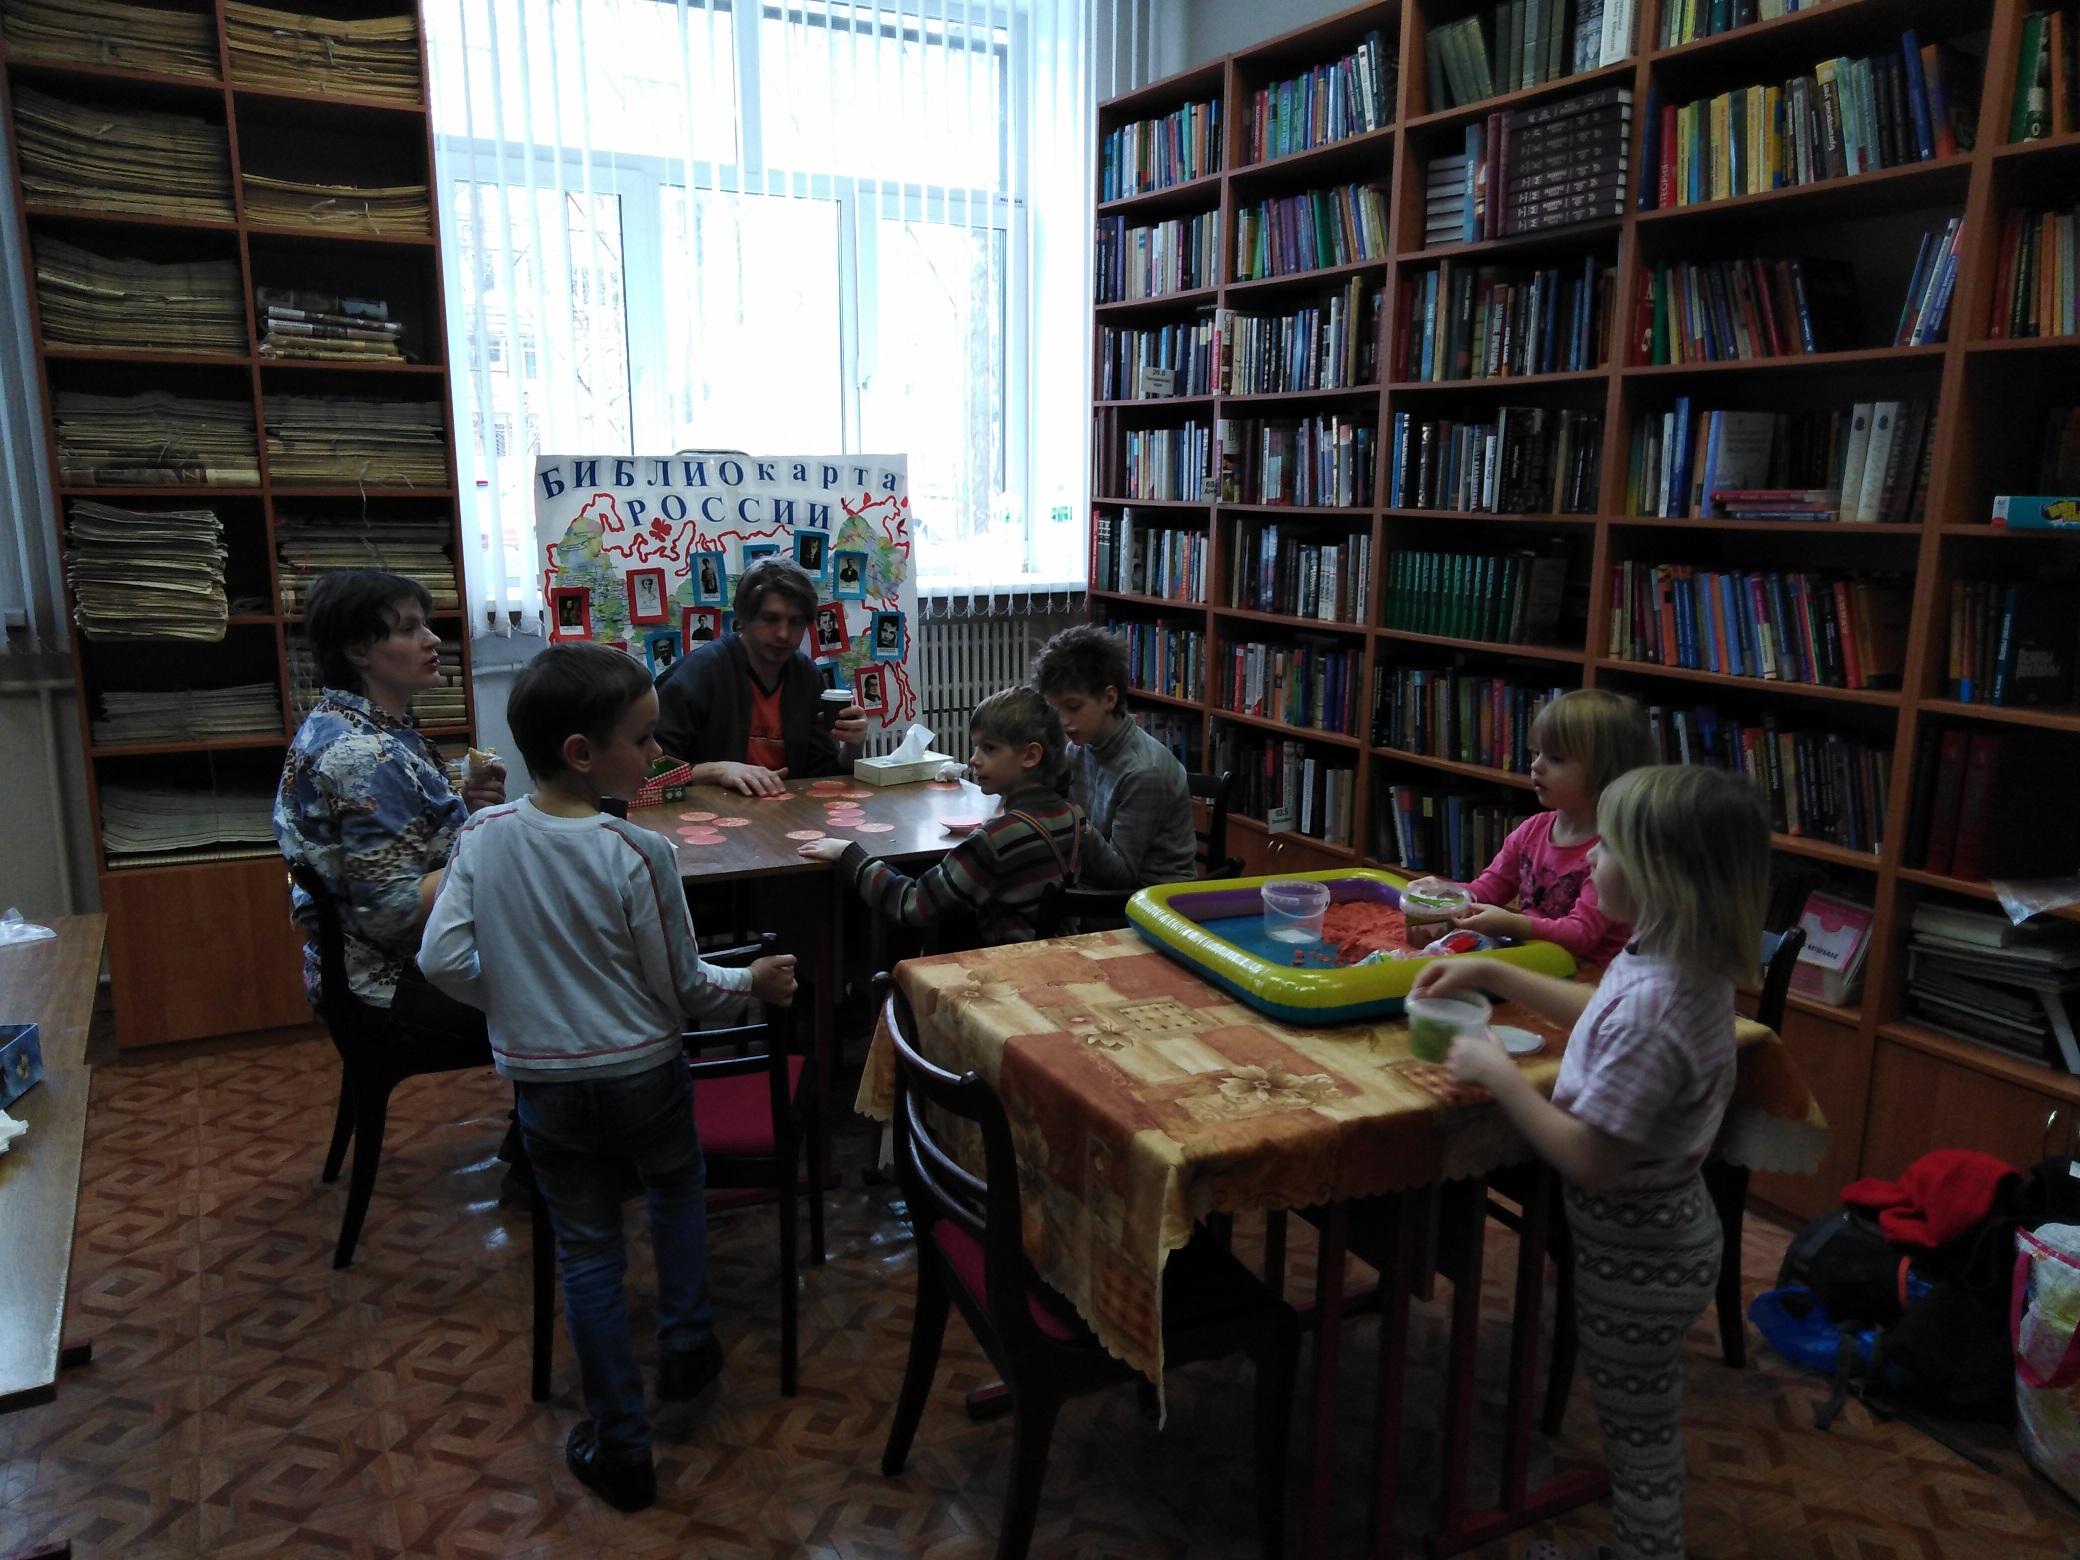 Игровой клуб многодетных мам - Центральная библиотека-2